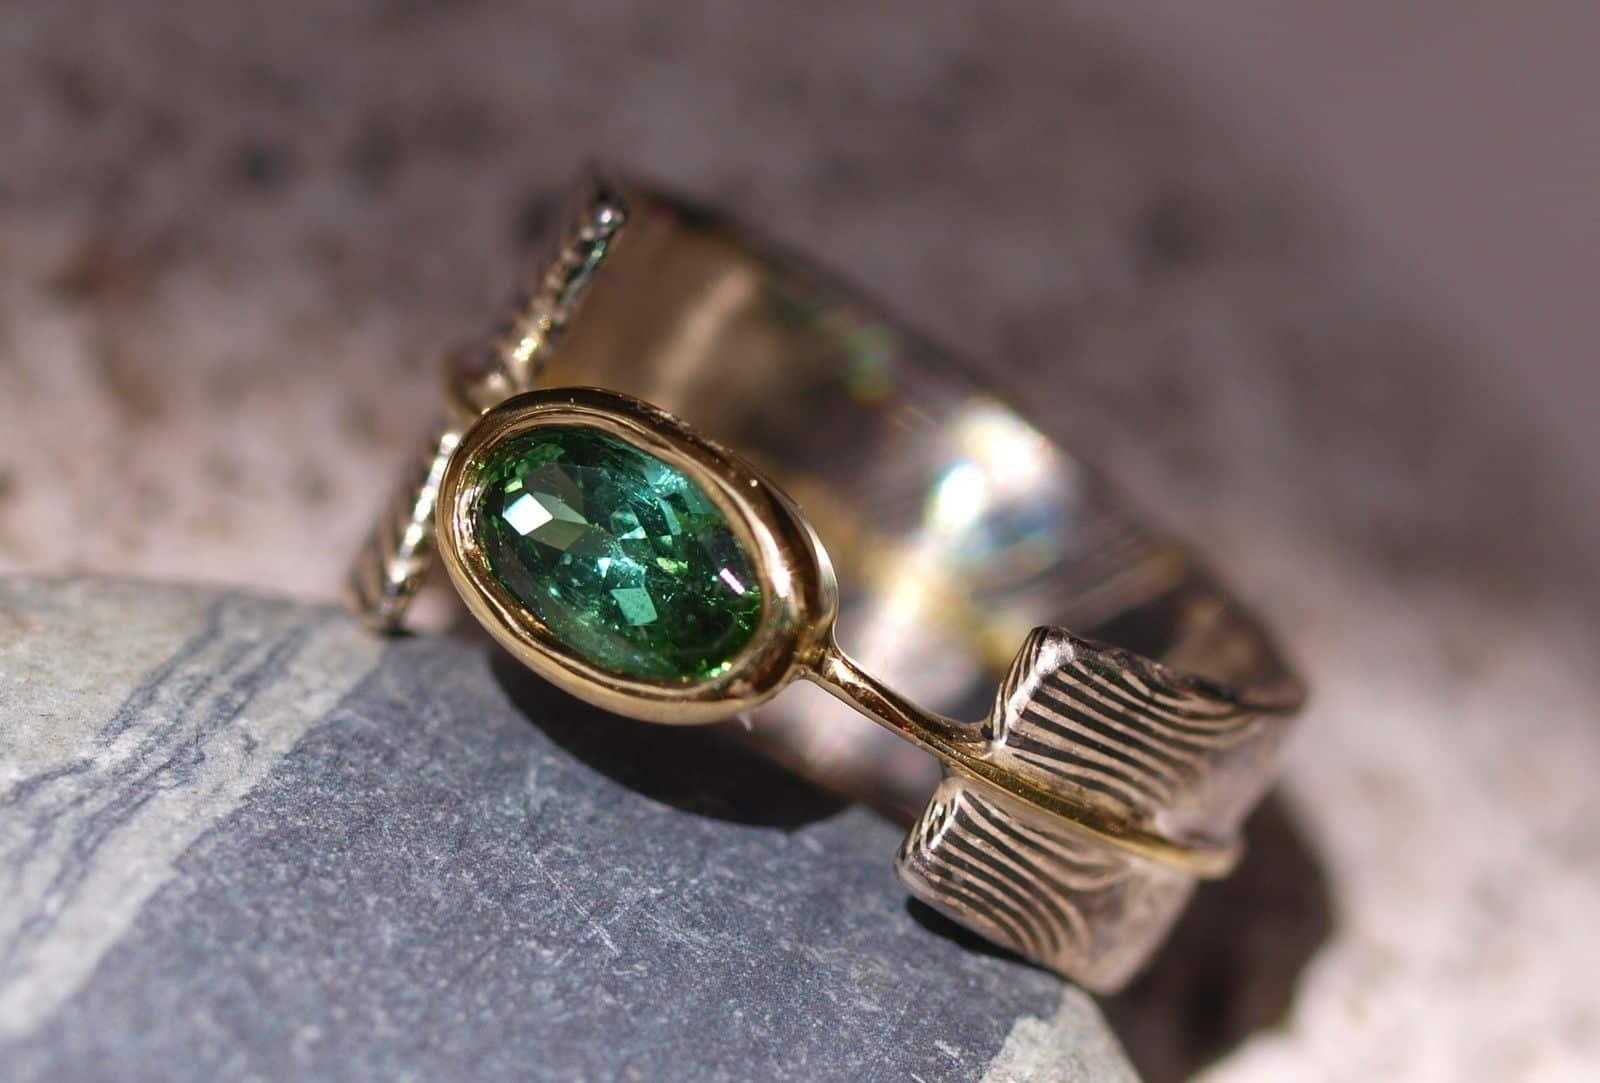 Unikat Ring Mokume gane Gold 900 Silber 925 Palladium 500 Turmalin Sternmuster